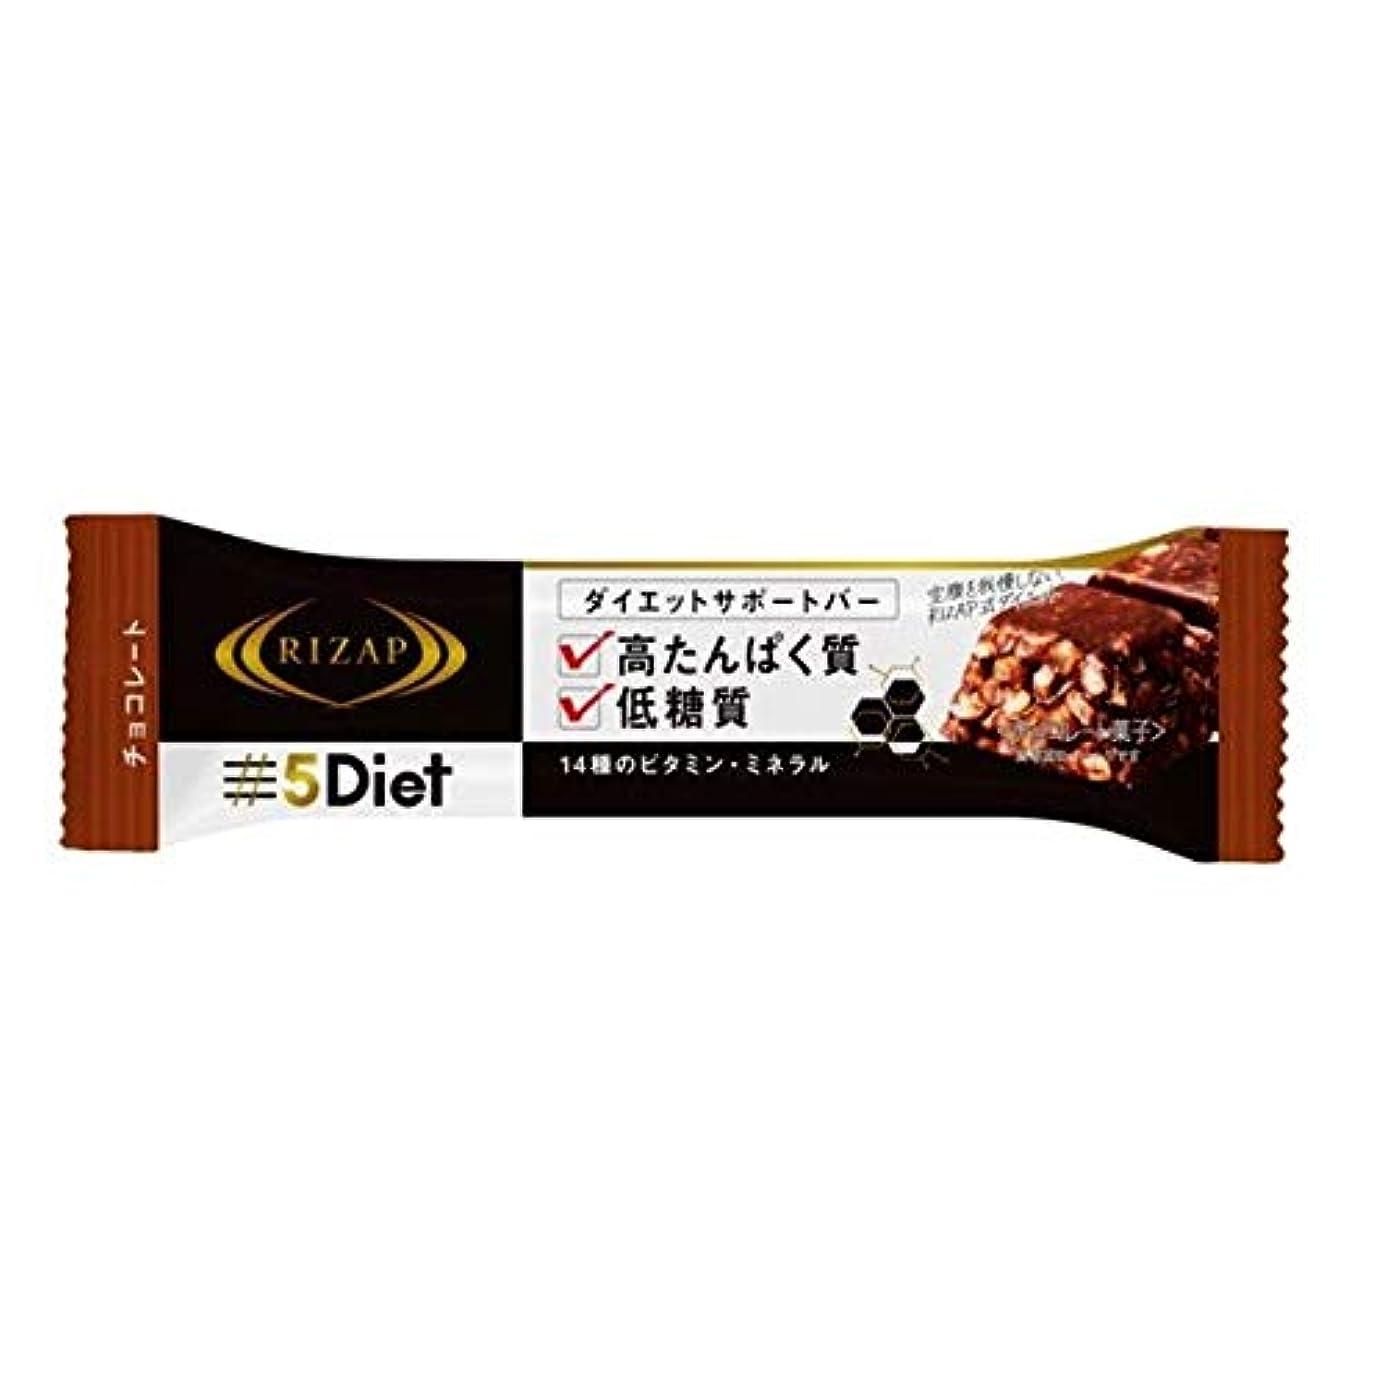 ルー好み重要な役割を果たす、中心的な手段となる◆RIZAP(ライザップ) ダイエットサポートバー チョコレート 30g【6個セット】